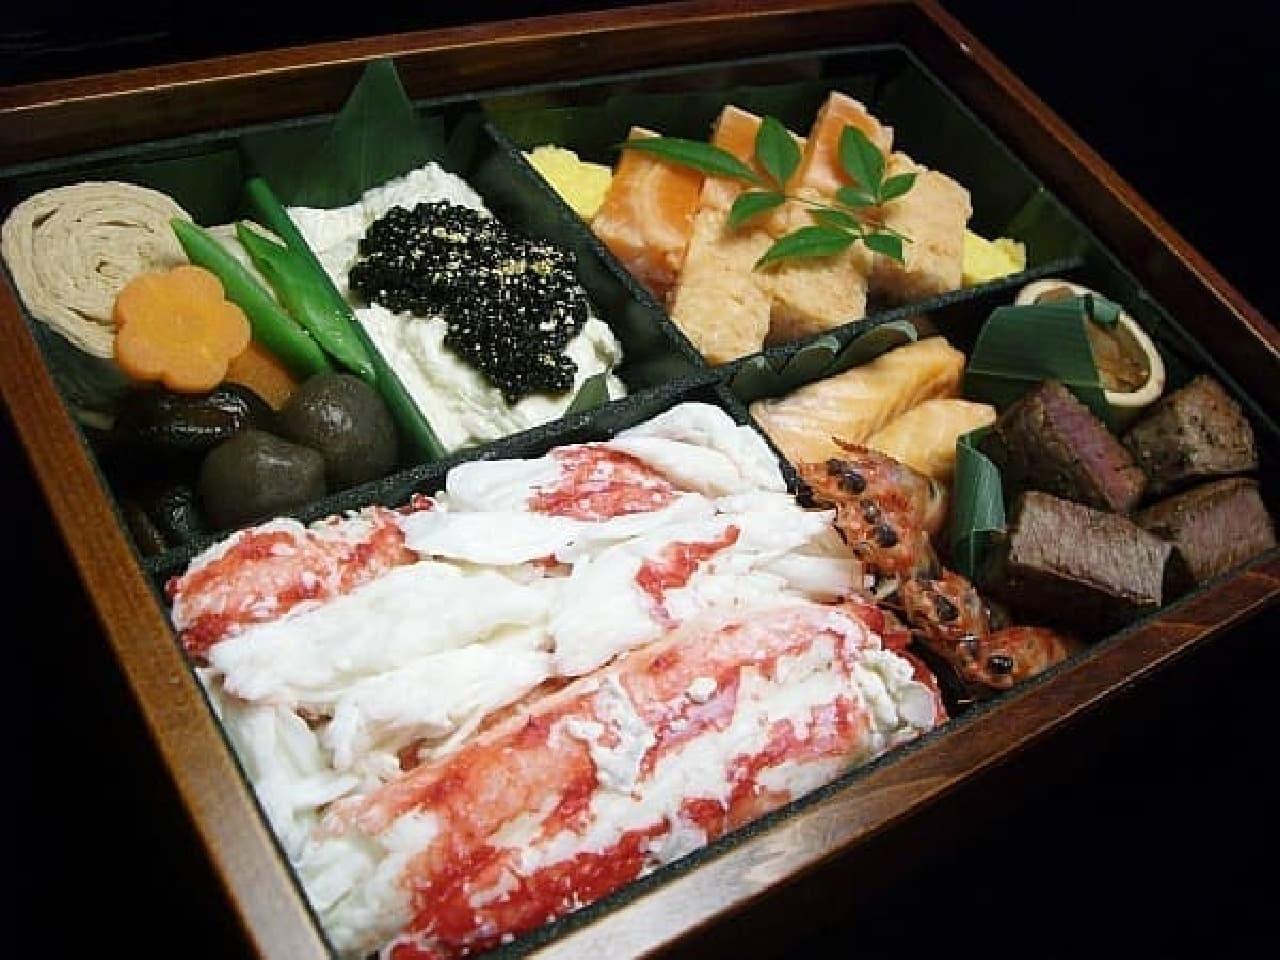 日光鱒鮨本舗の「日光埋蔵金弁当」  1個15万円です  家賃並み!